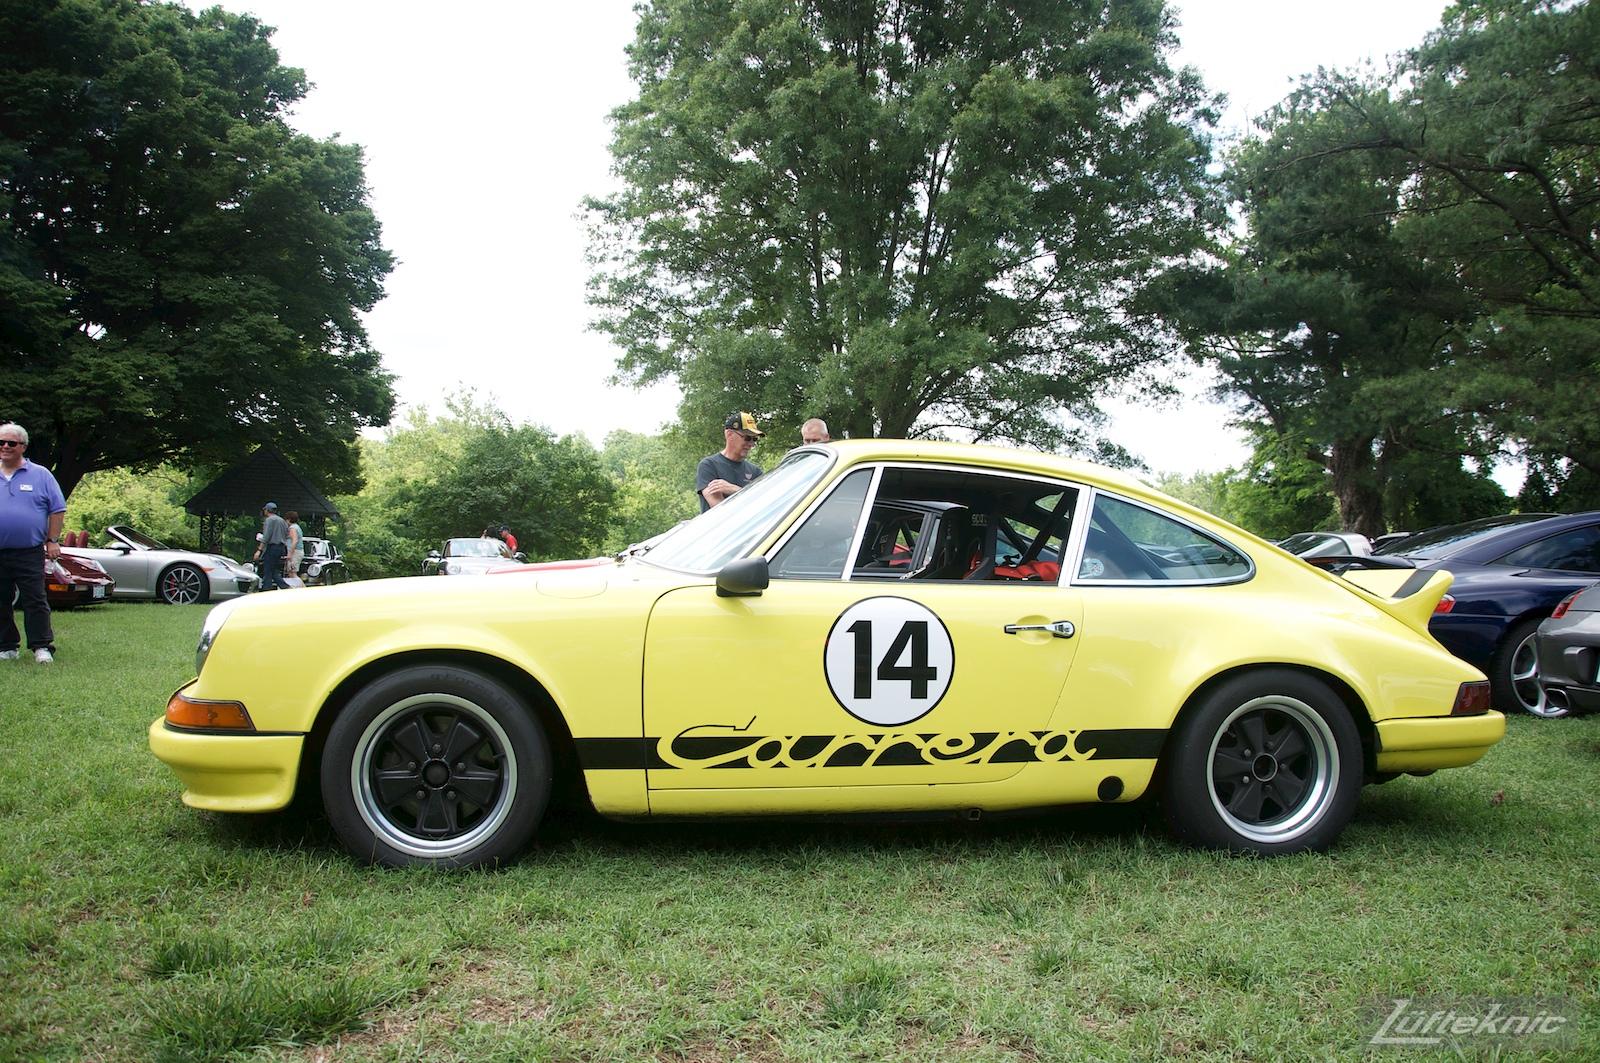 Yellow Carrera at the Richmond Porsche Meet.